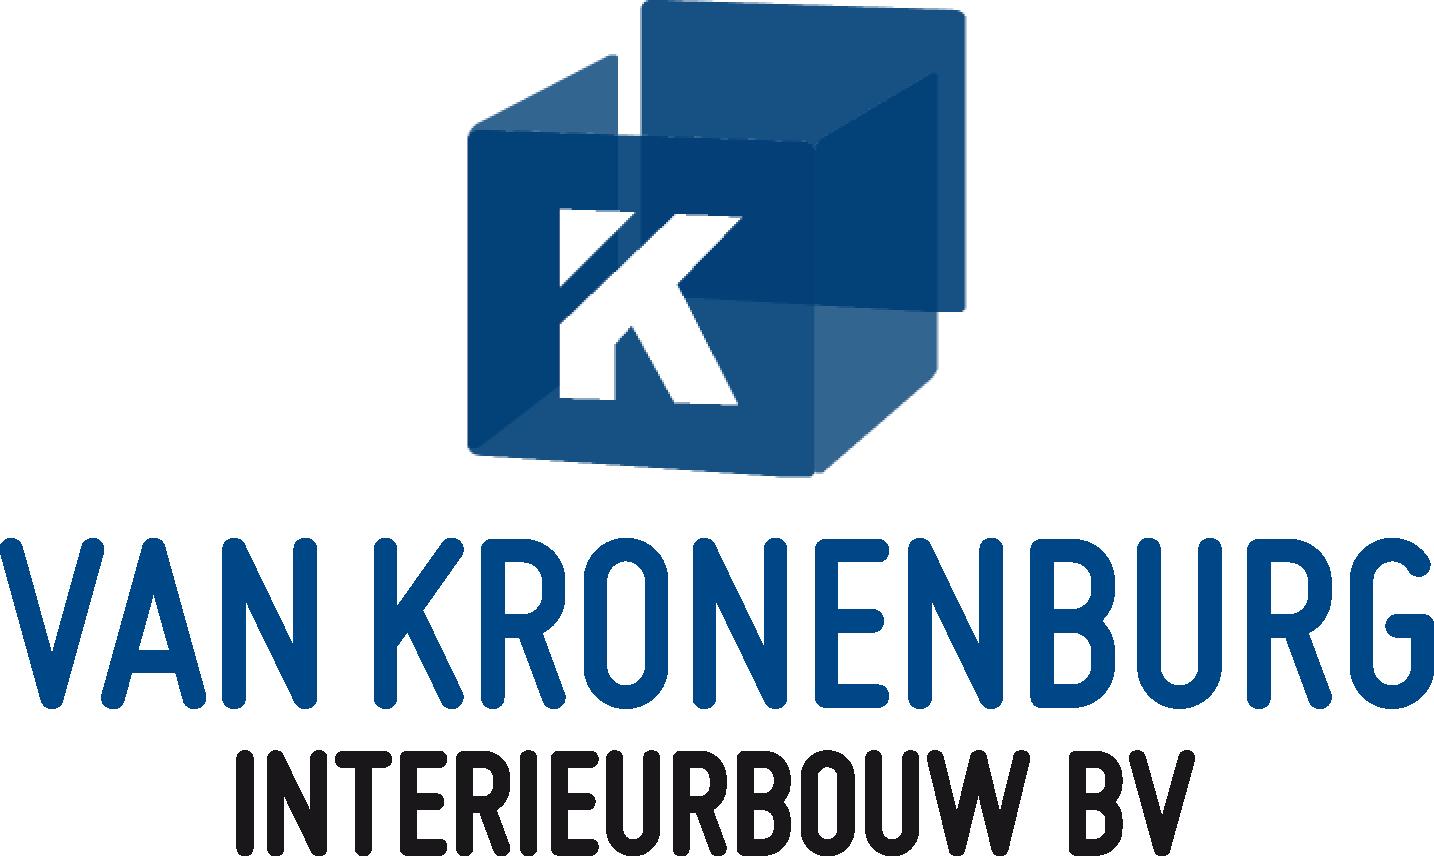 Van Kronenburg Interieurbouw